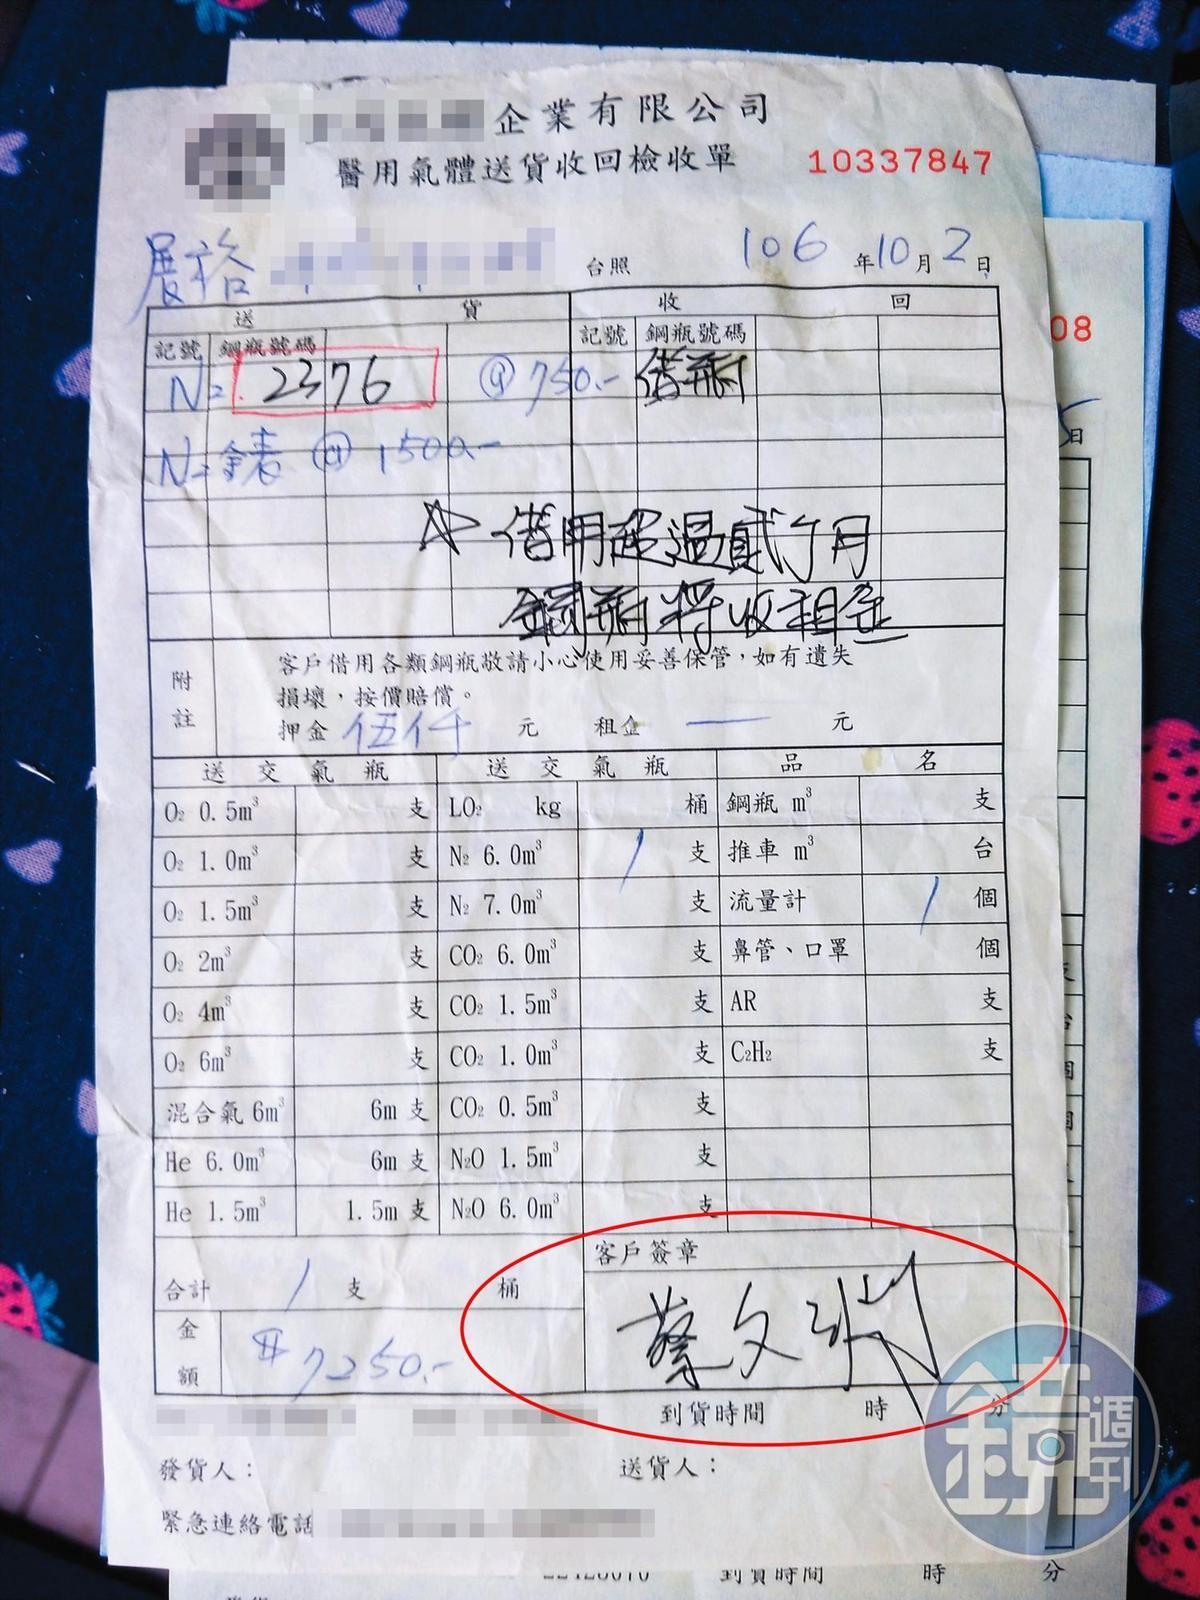 小華指控蔡文淵從事違法行為多年,更拿出一張二○一七年的單據作為證明,上頭的簽收人正是蔡本人。(讀者提供)